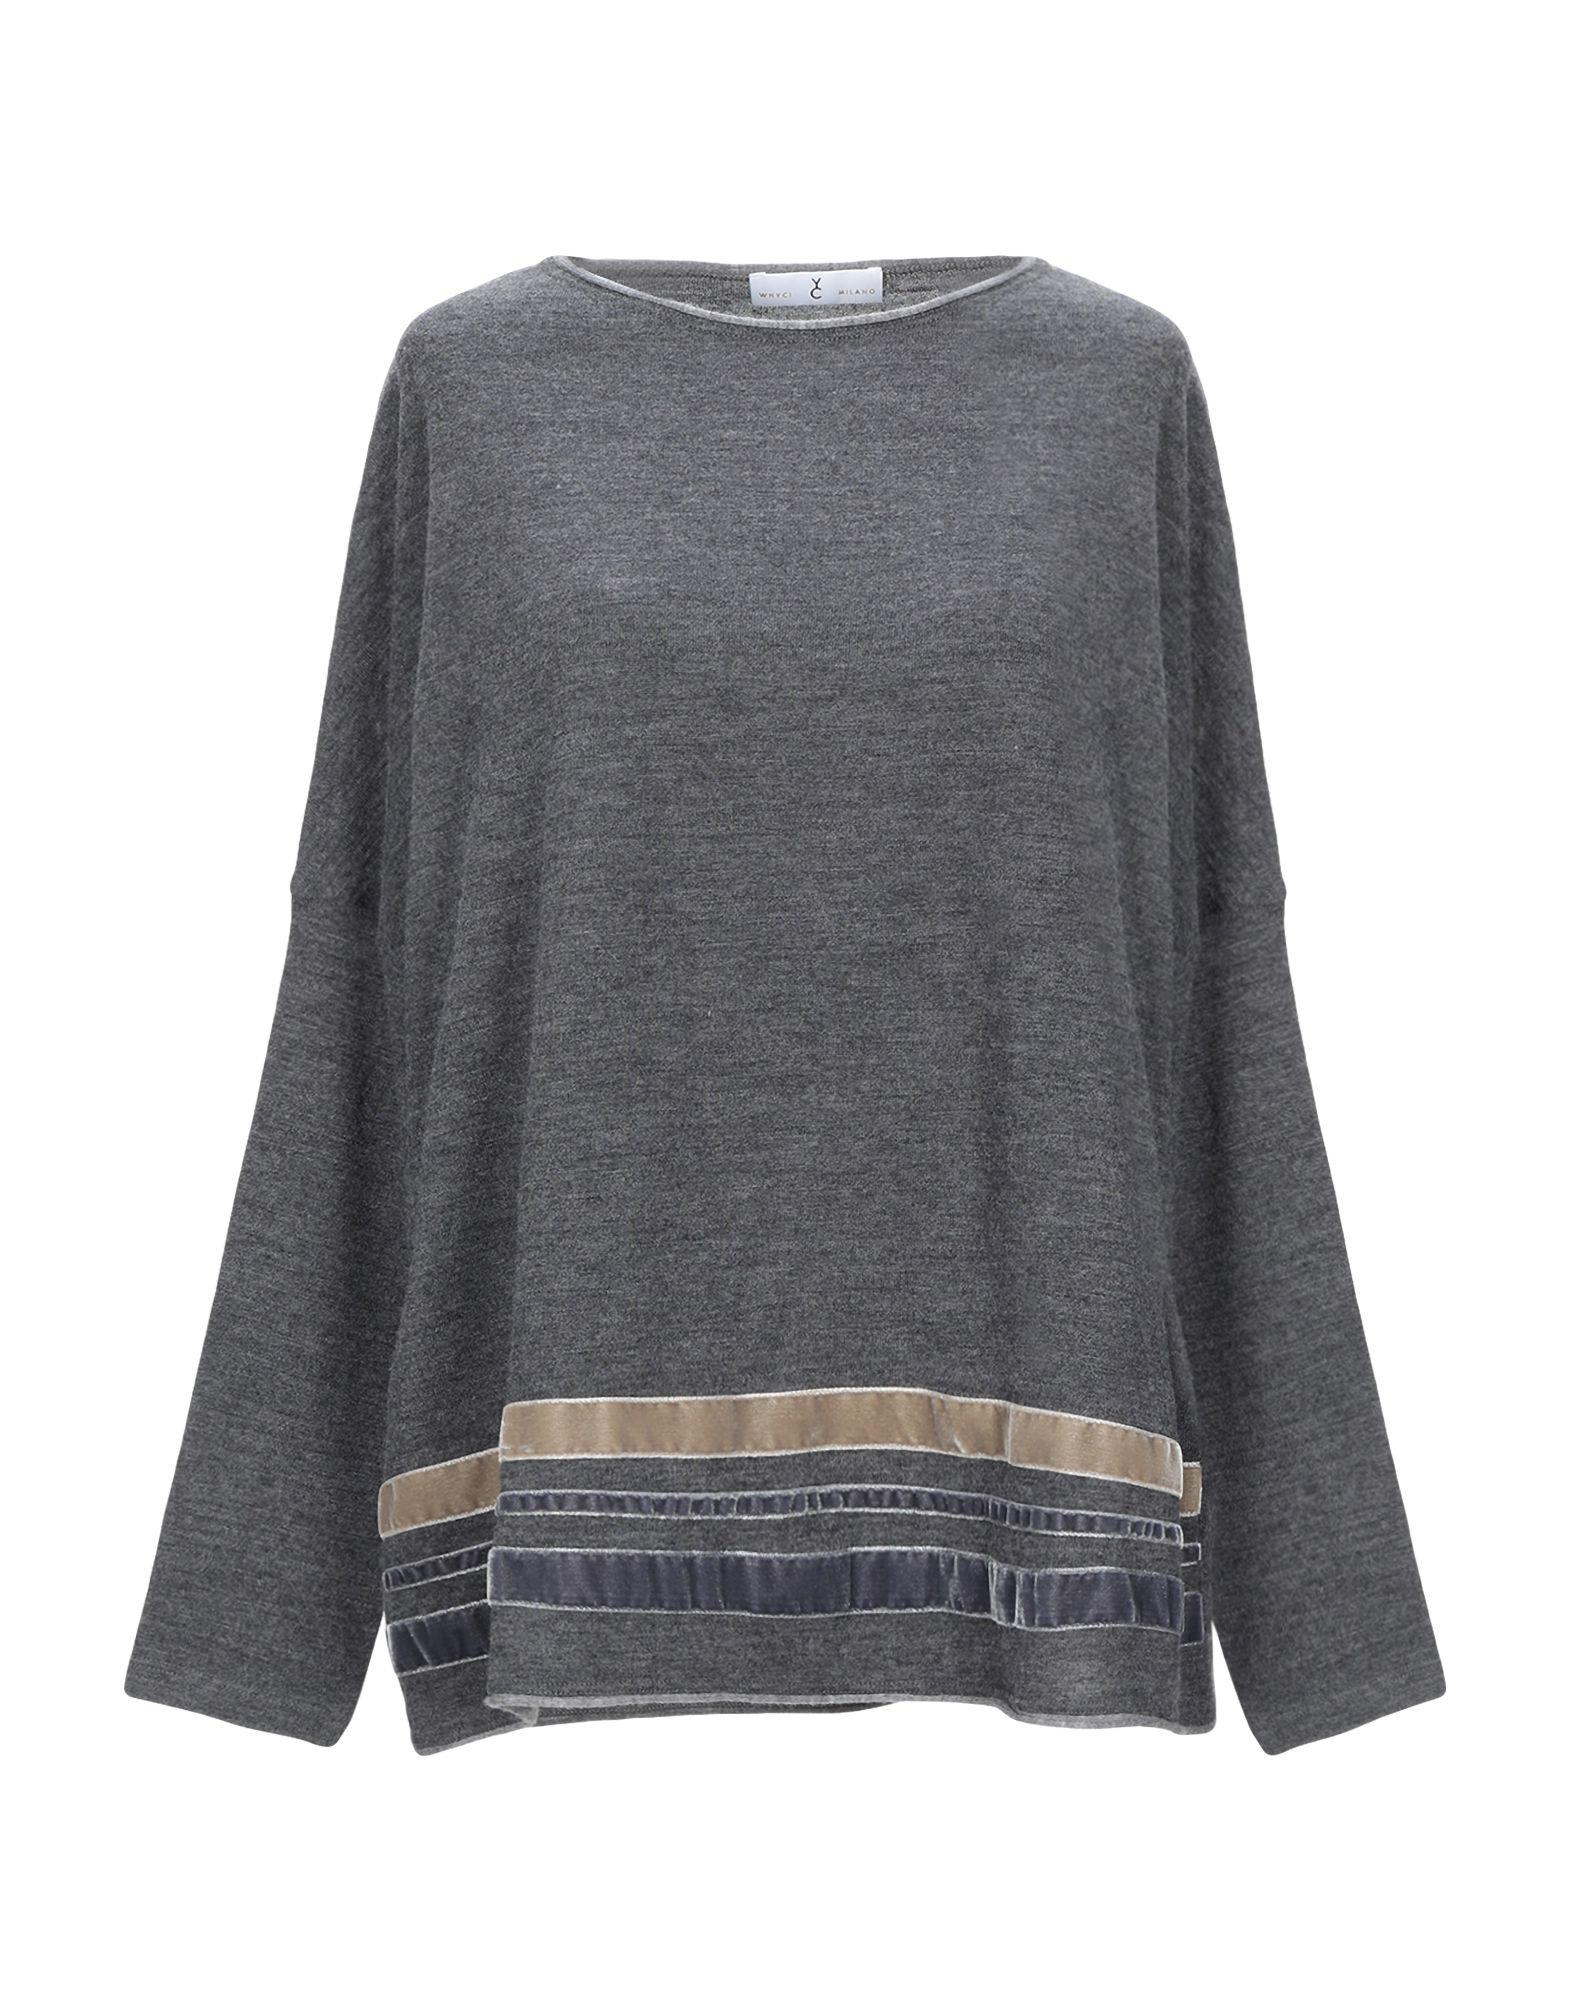 Связать мужской свитер спицами схемы и фото увеличены